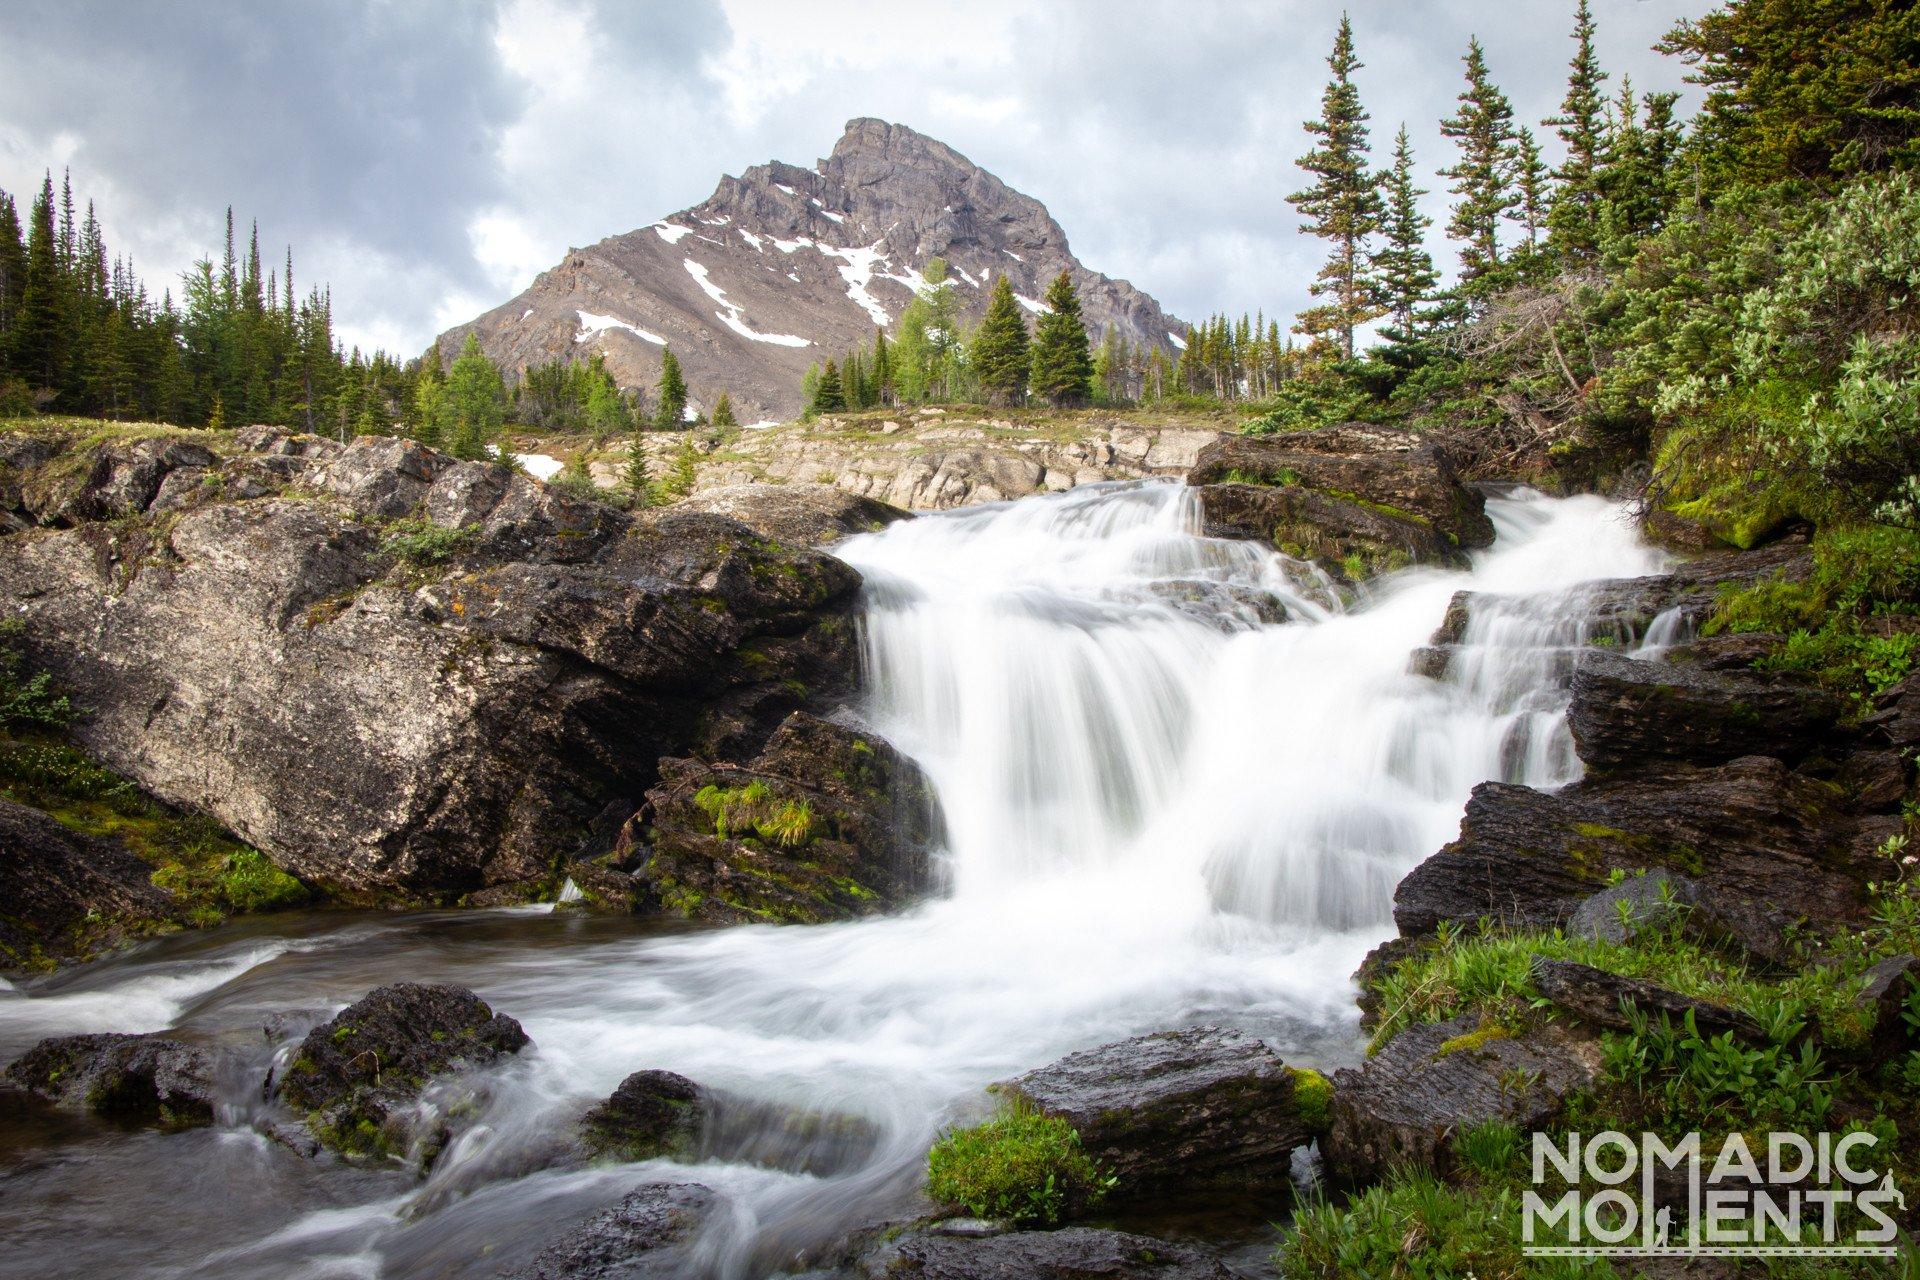 Baker Lake Waterfall and Brachiopod Mountain